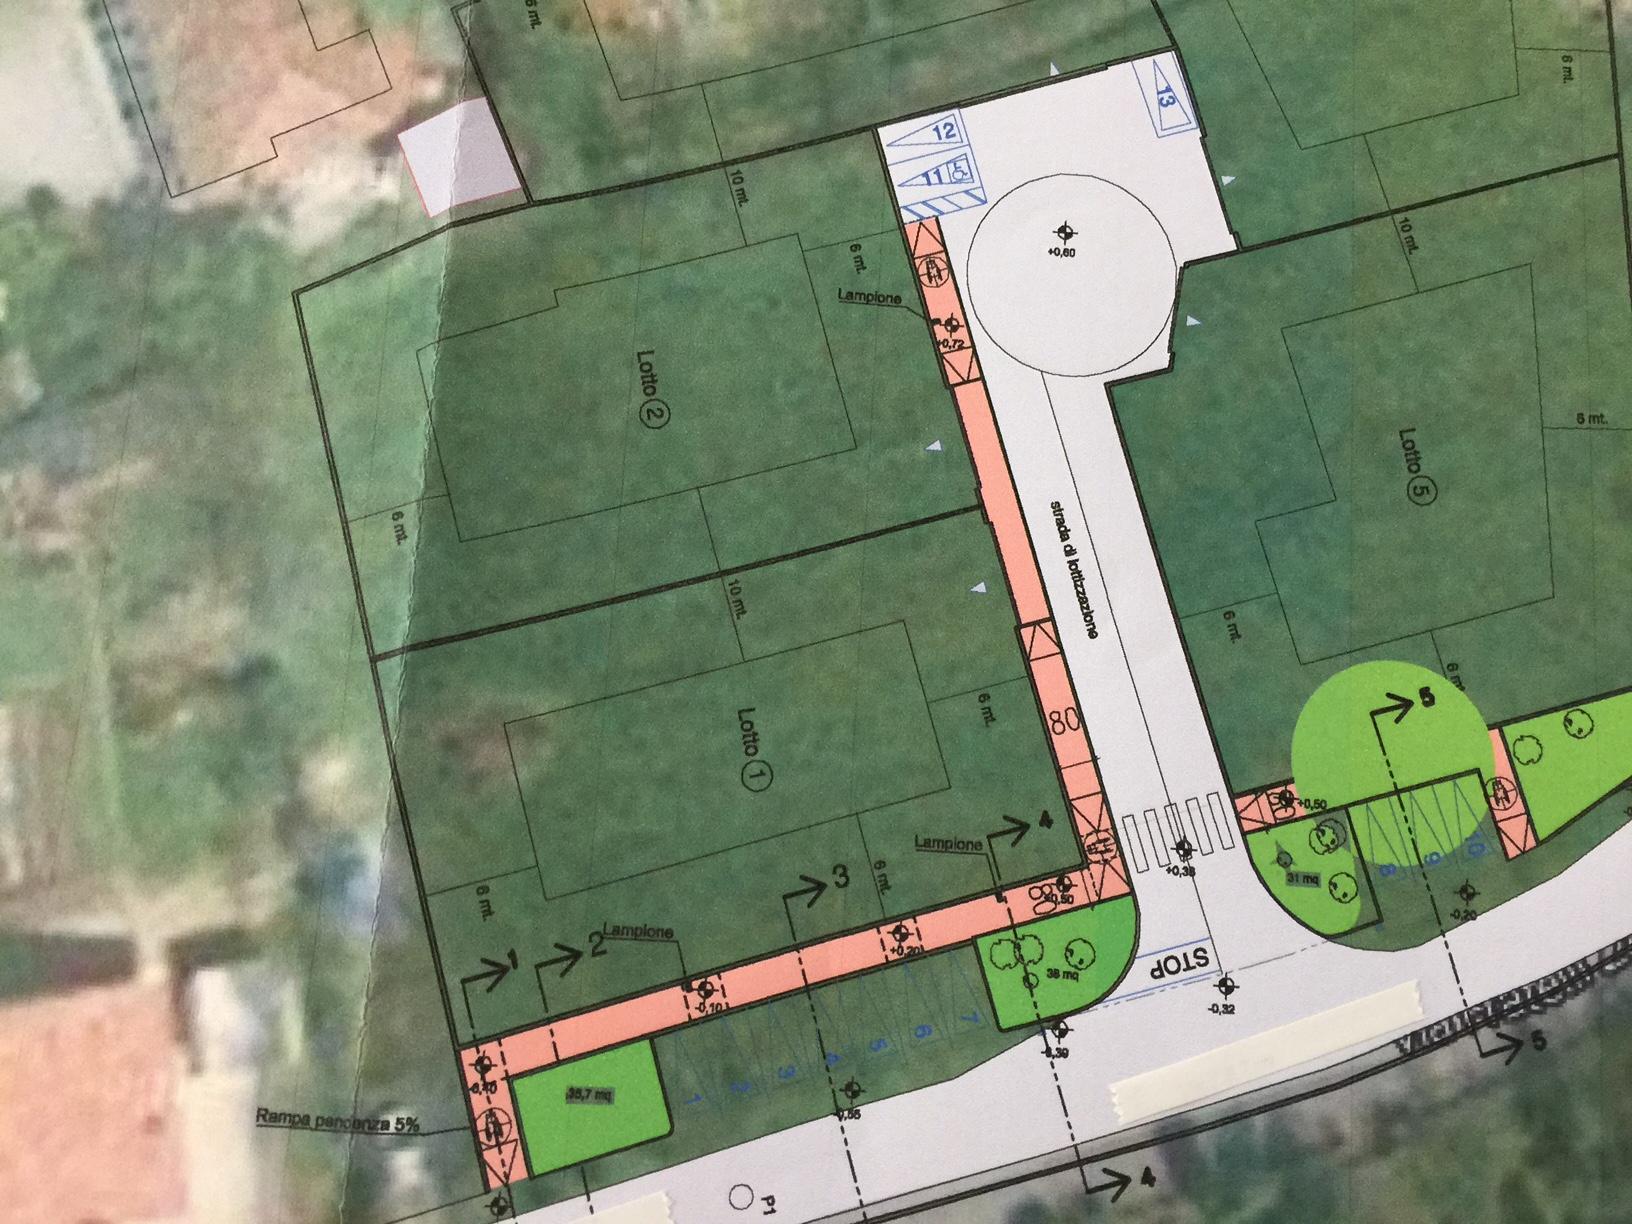 Terreno Agricolo in vendita a Oderzo, 9999 locali, zona Zona: Camino, prezzo € 380.000 | CambioCasa.it